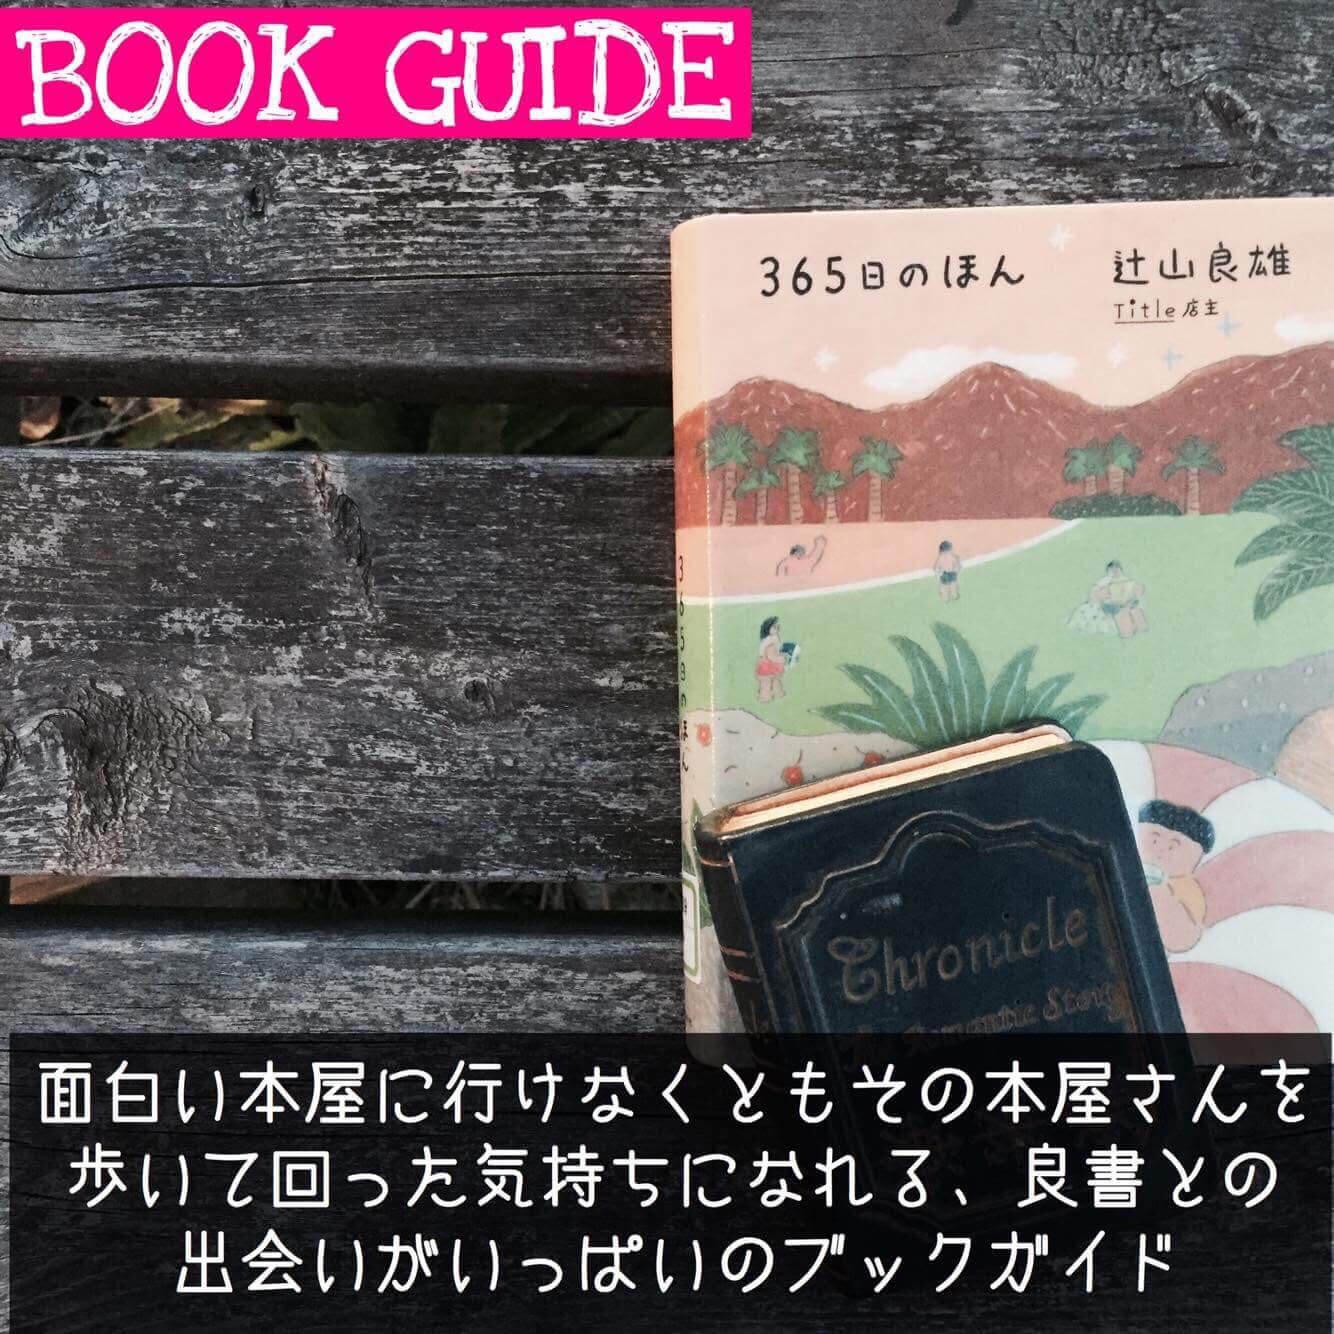 「365日の本」画像